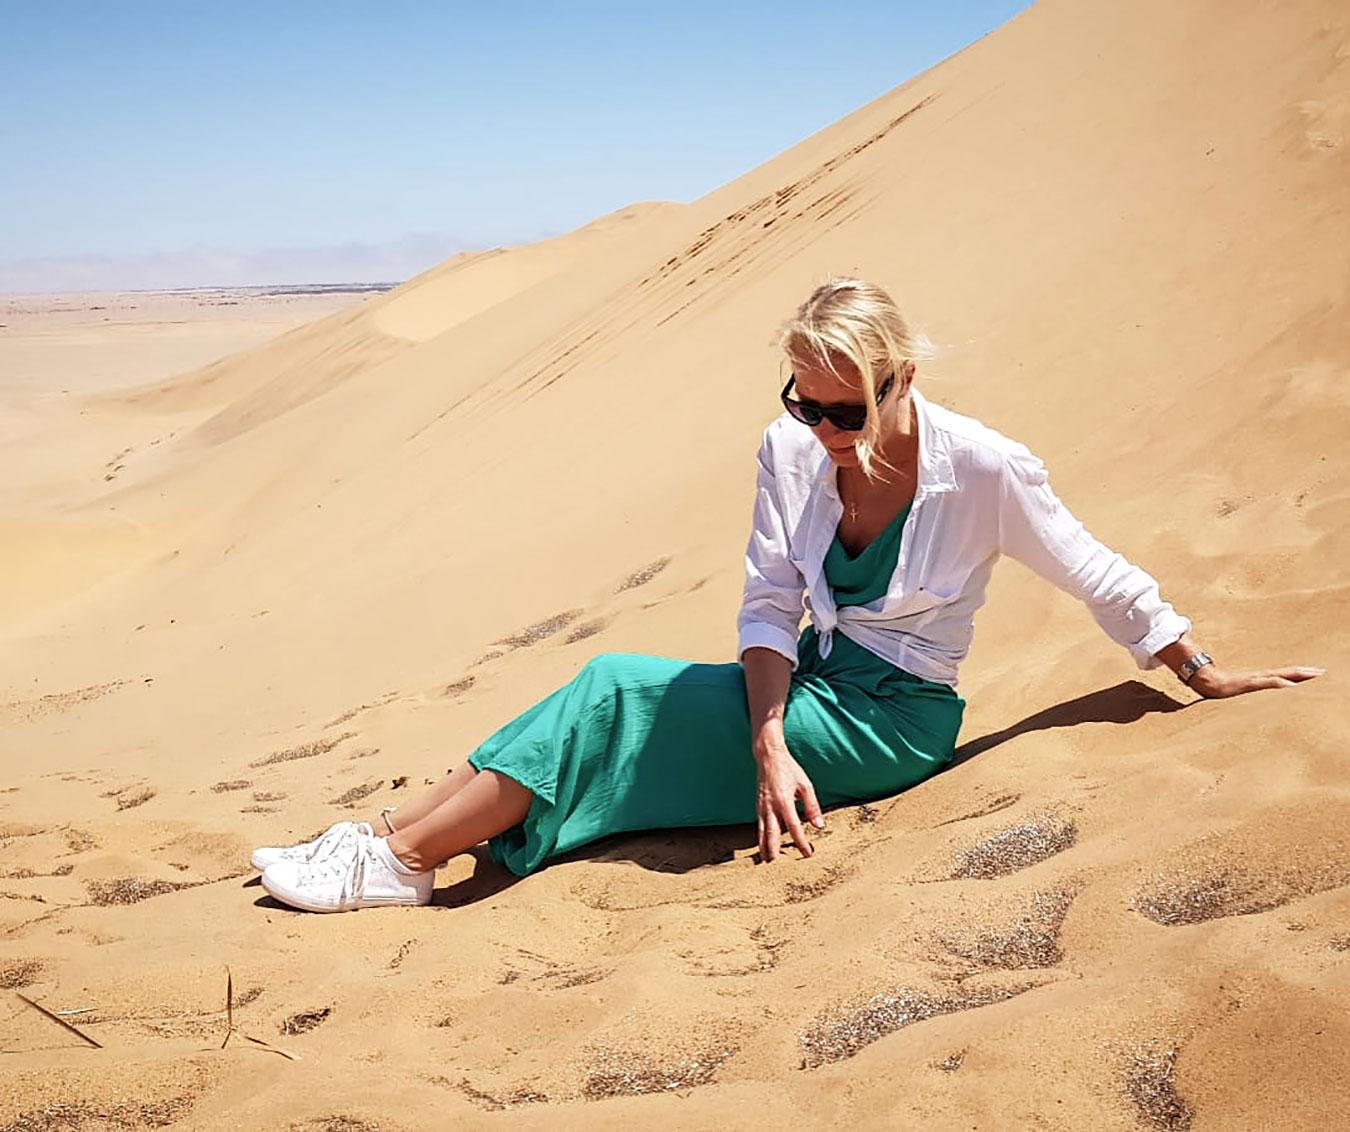 hu-vegvari-eszter-namibian-desert.jpg